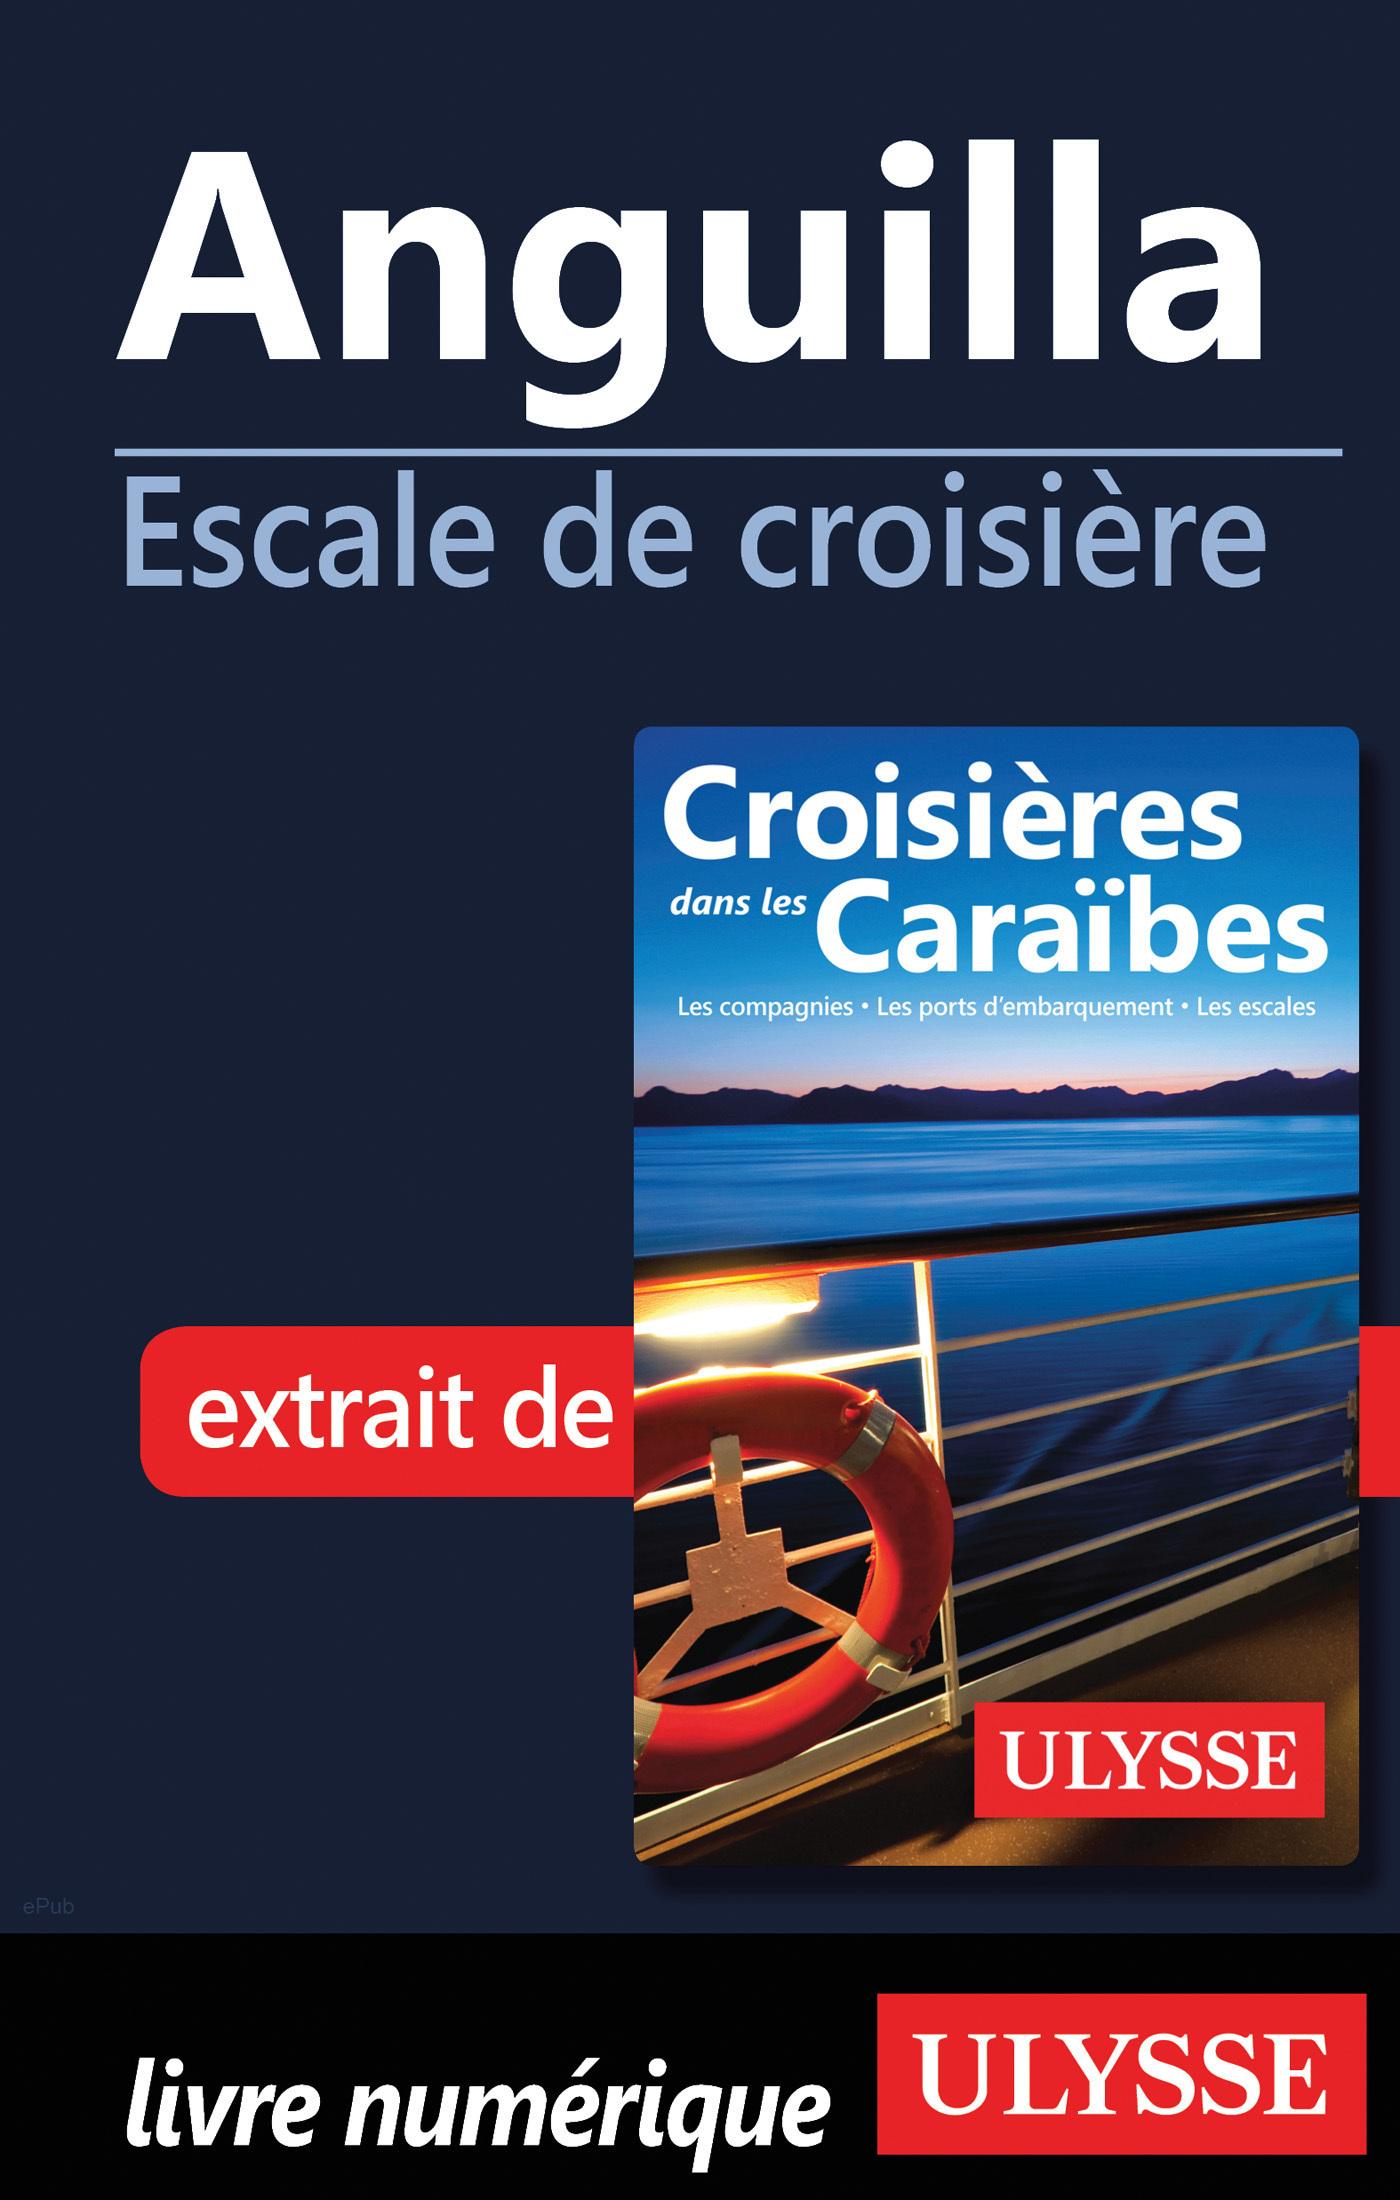 Anguilla - Escale de croisière